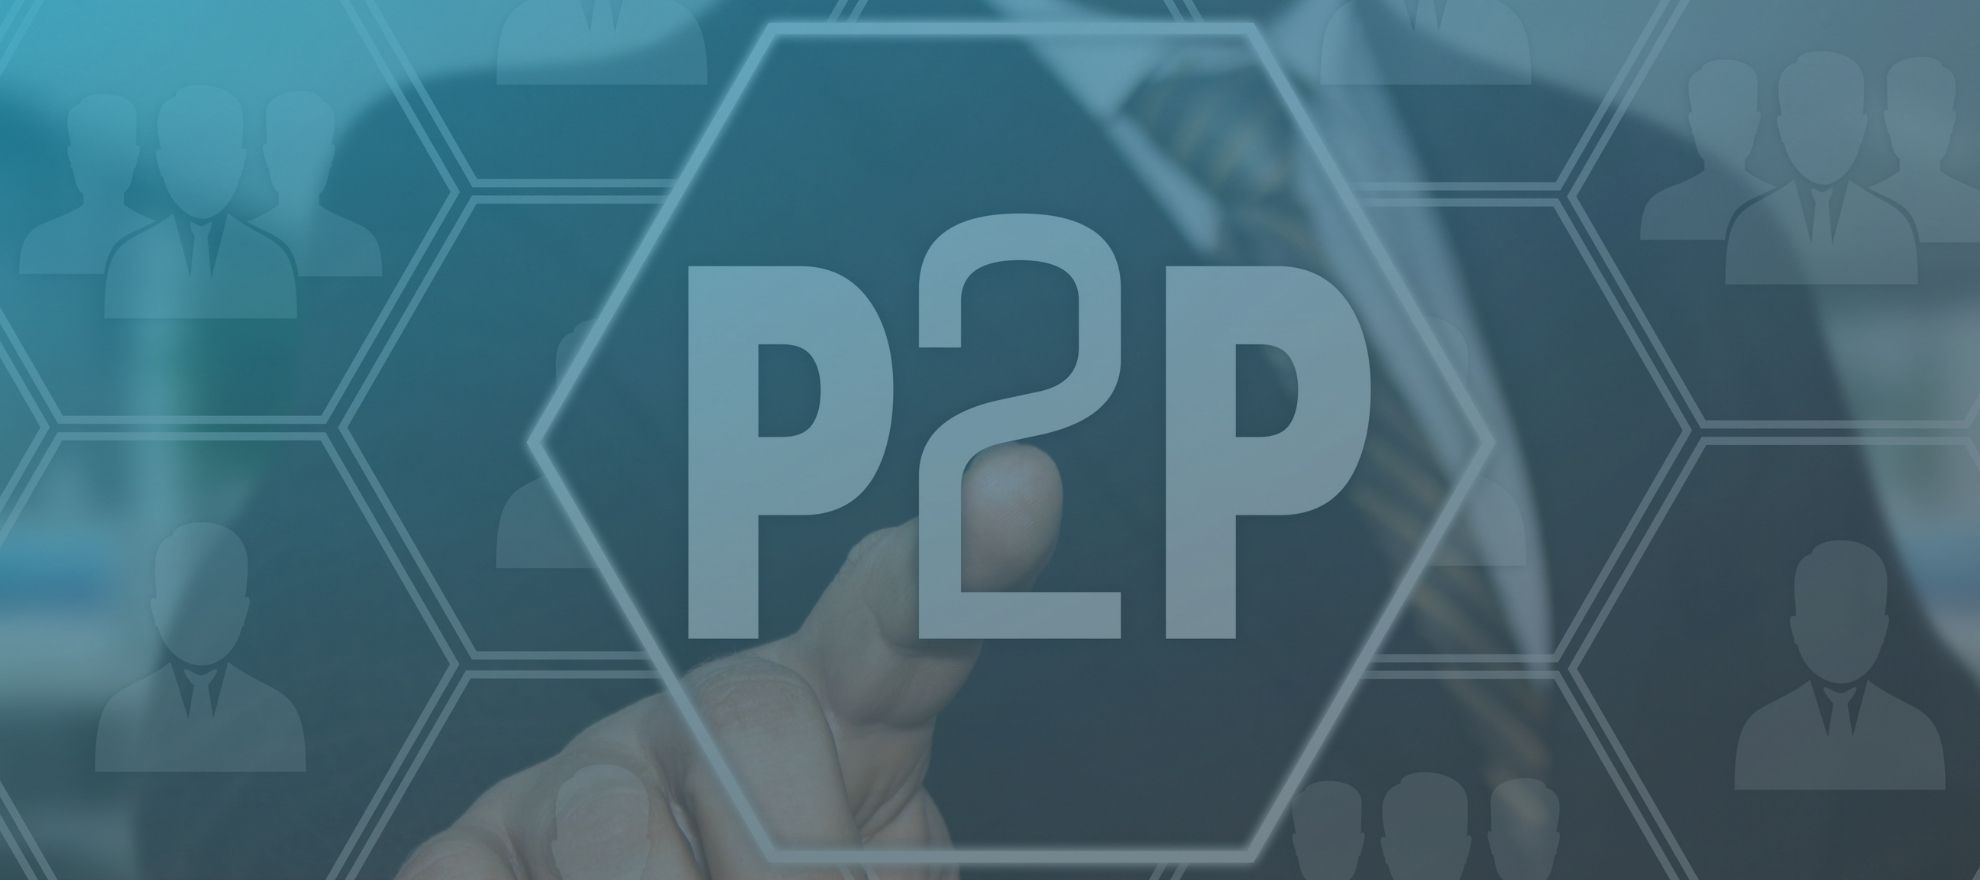 P2P: O que é e qual a relação com as criptomoedas?